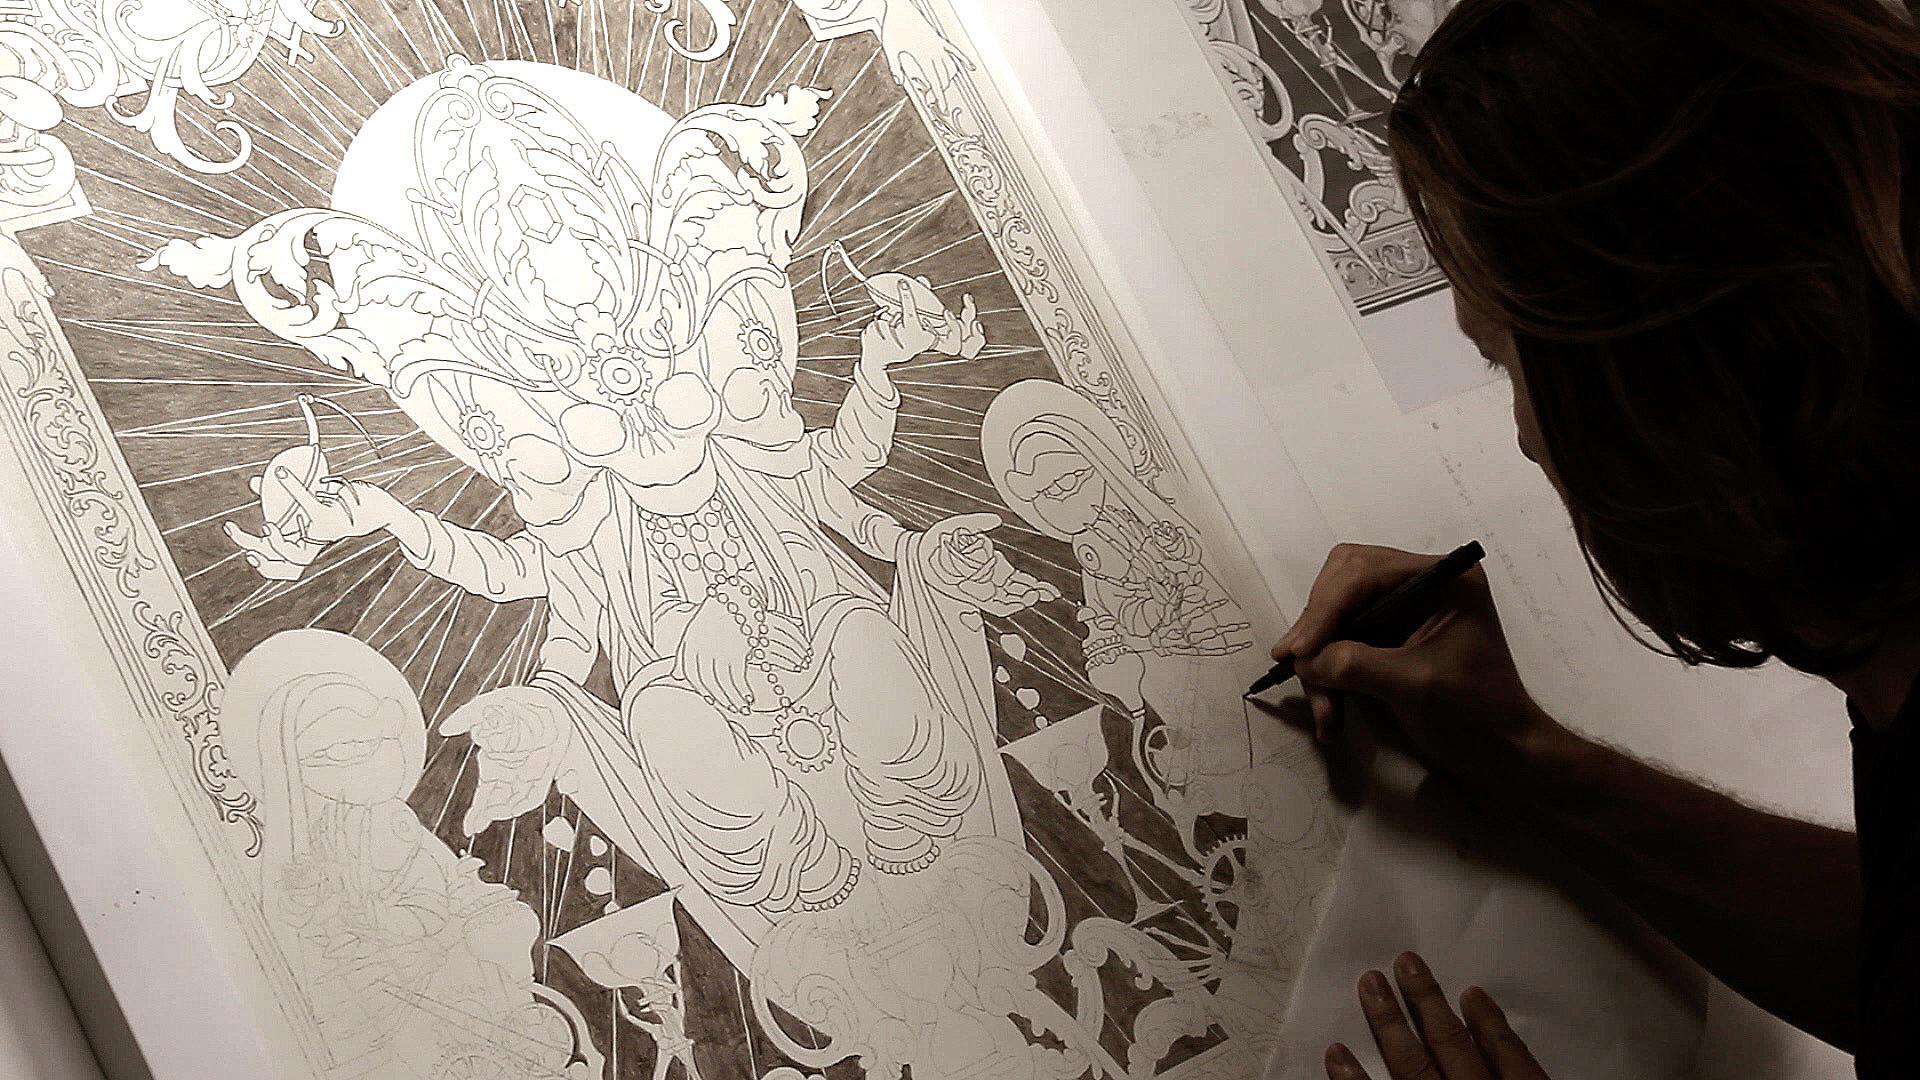 joe-fenton-surrealismo-ilustracao-arte-escultura-7